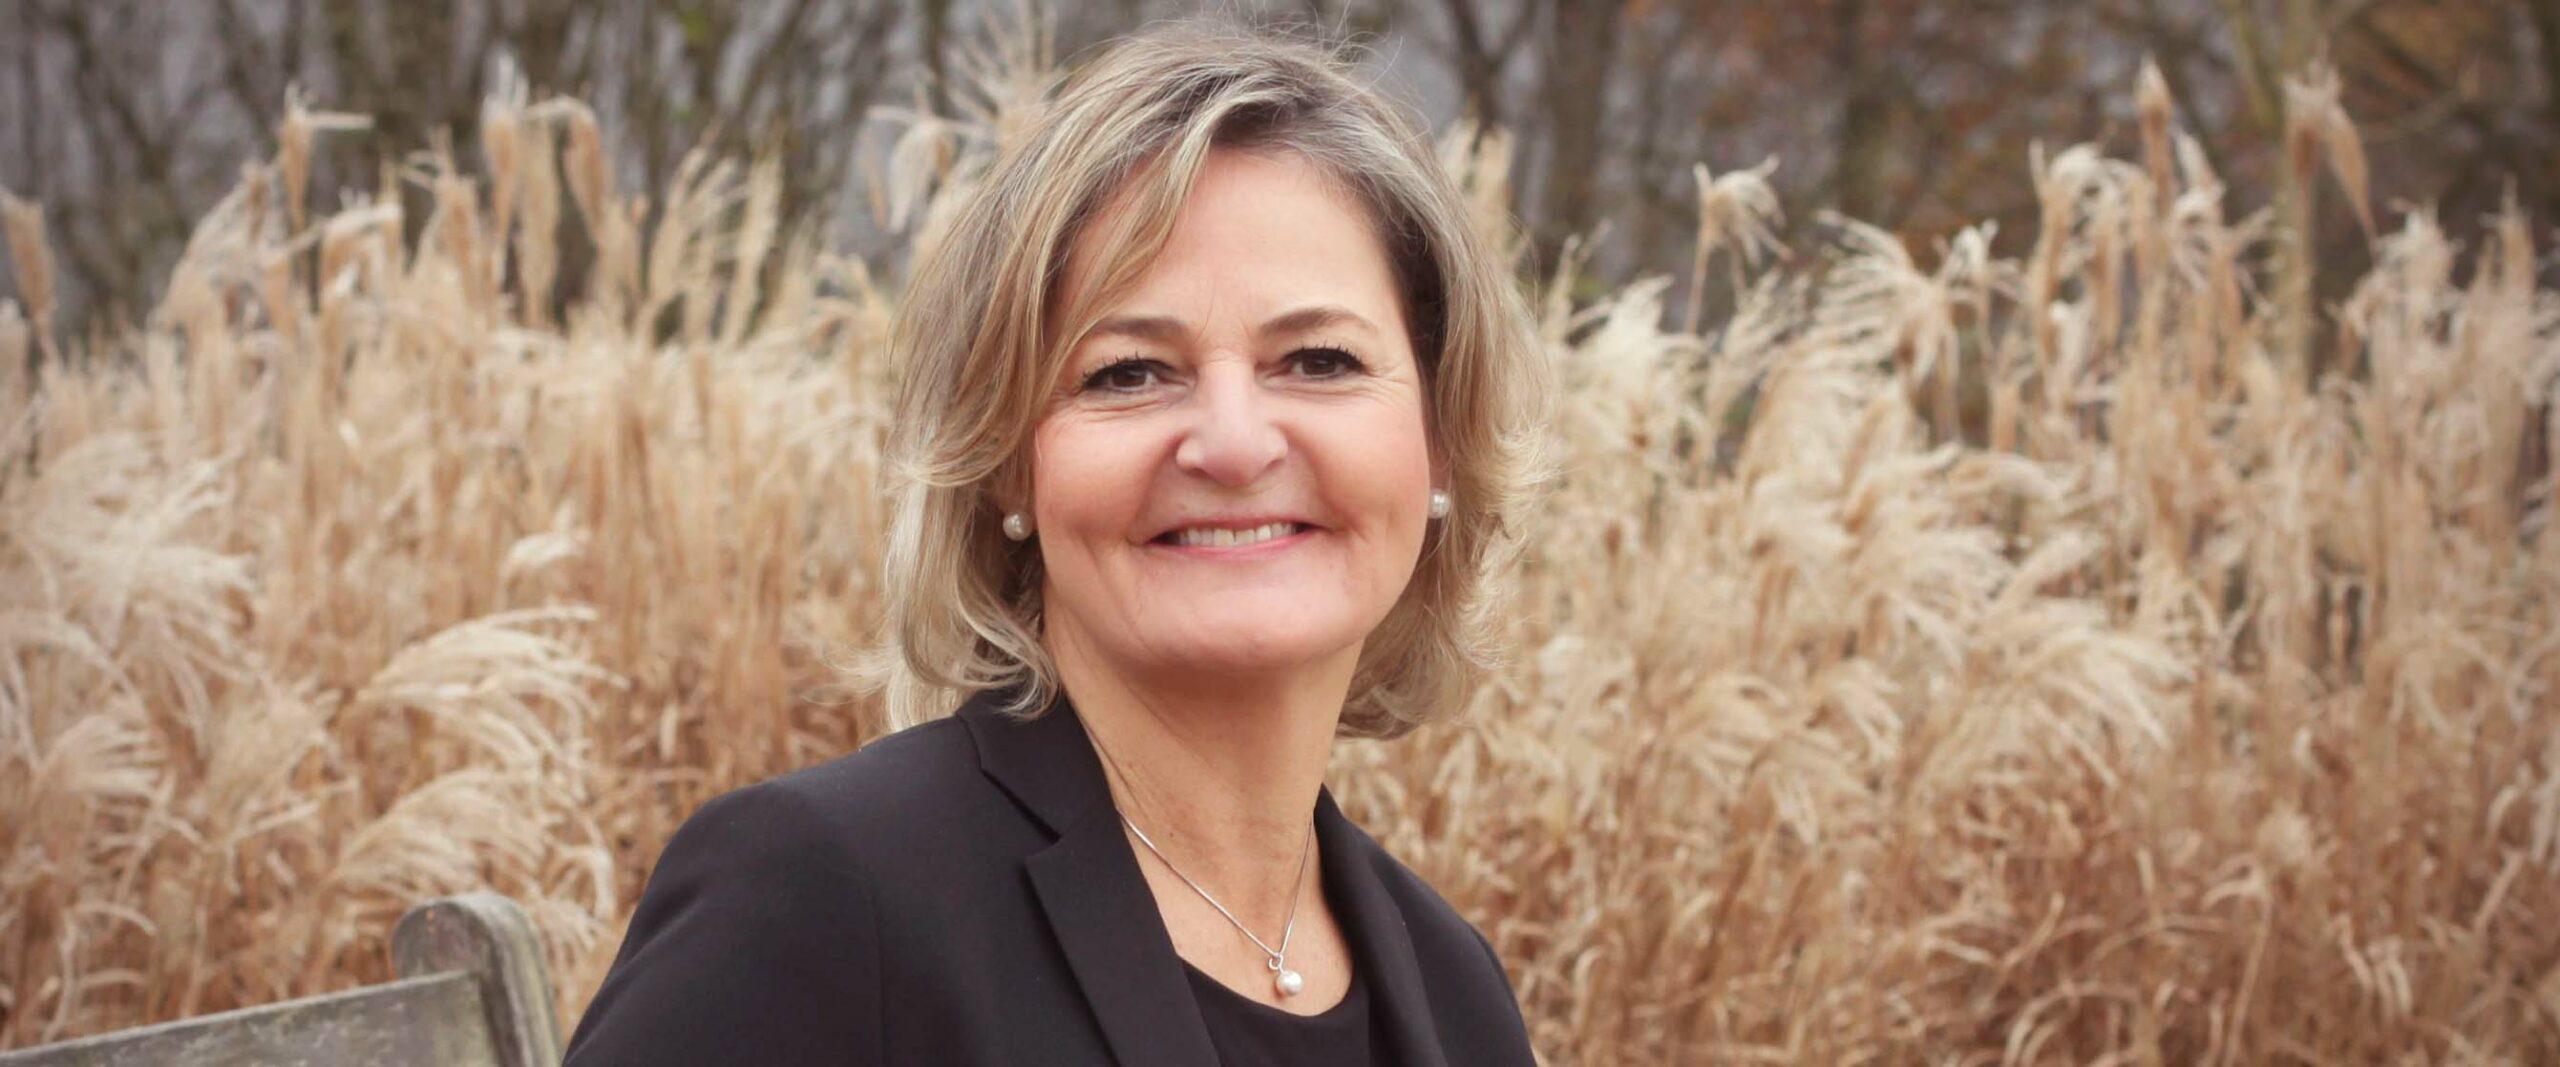 Uitvaartverzorger Breda - Nathalie van Schie